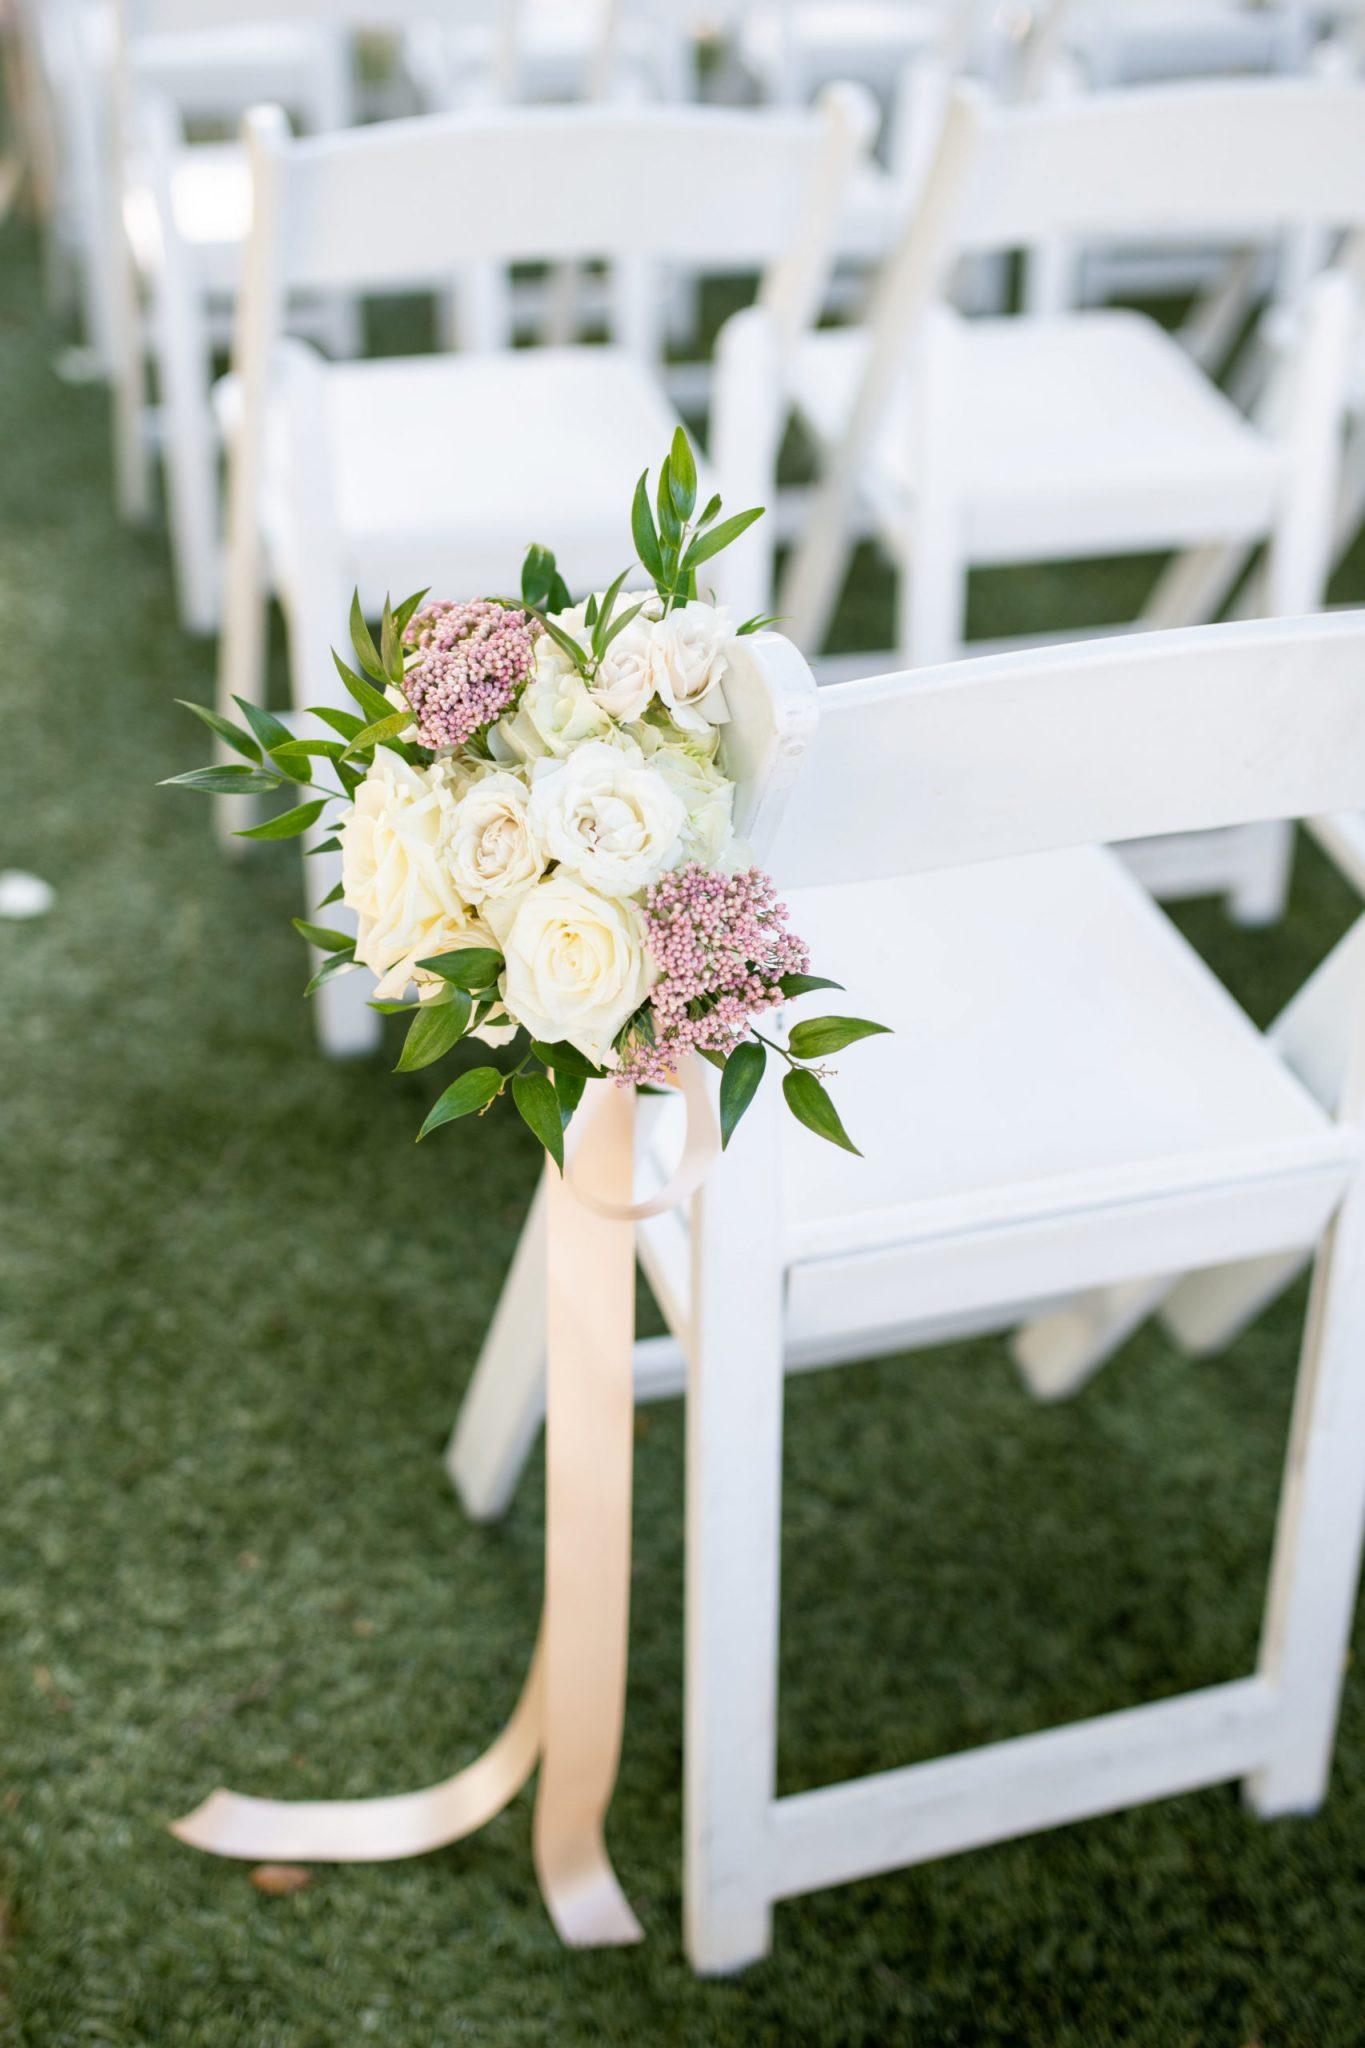 Matt Chrissy Wedding 3018 scaled